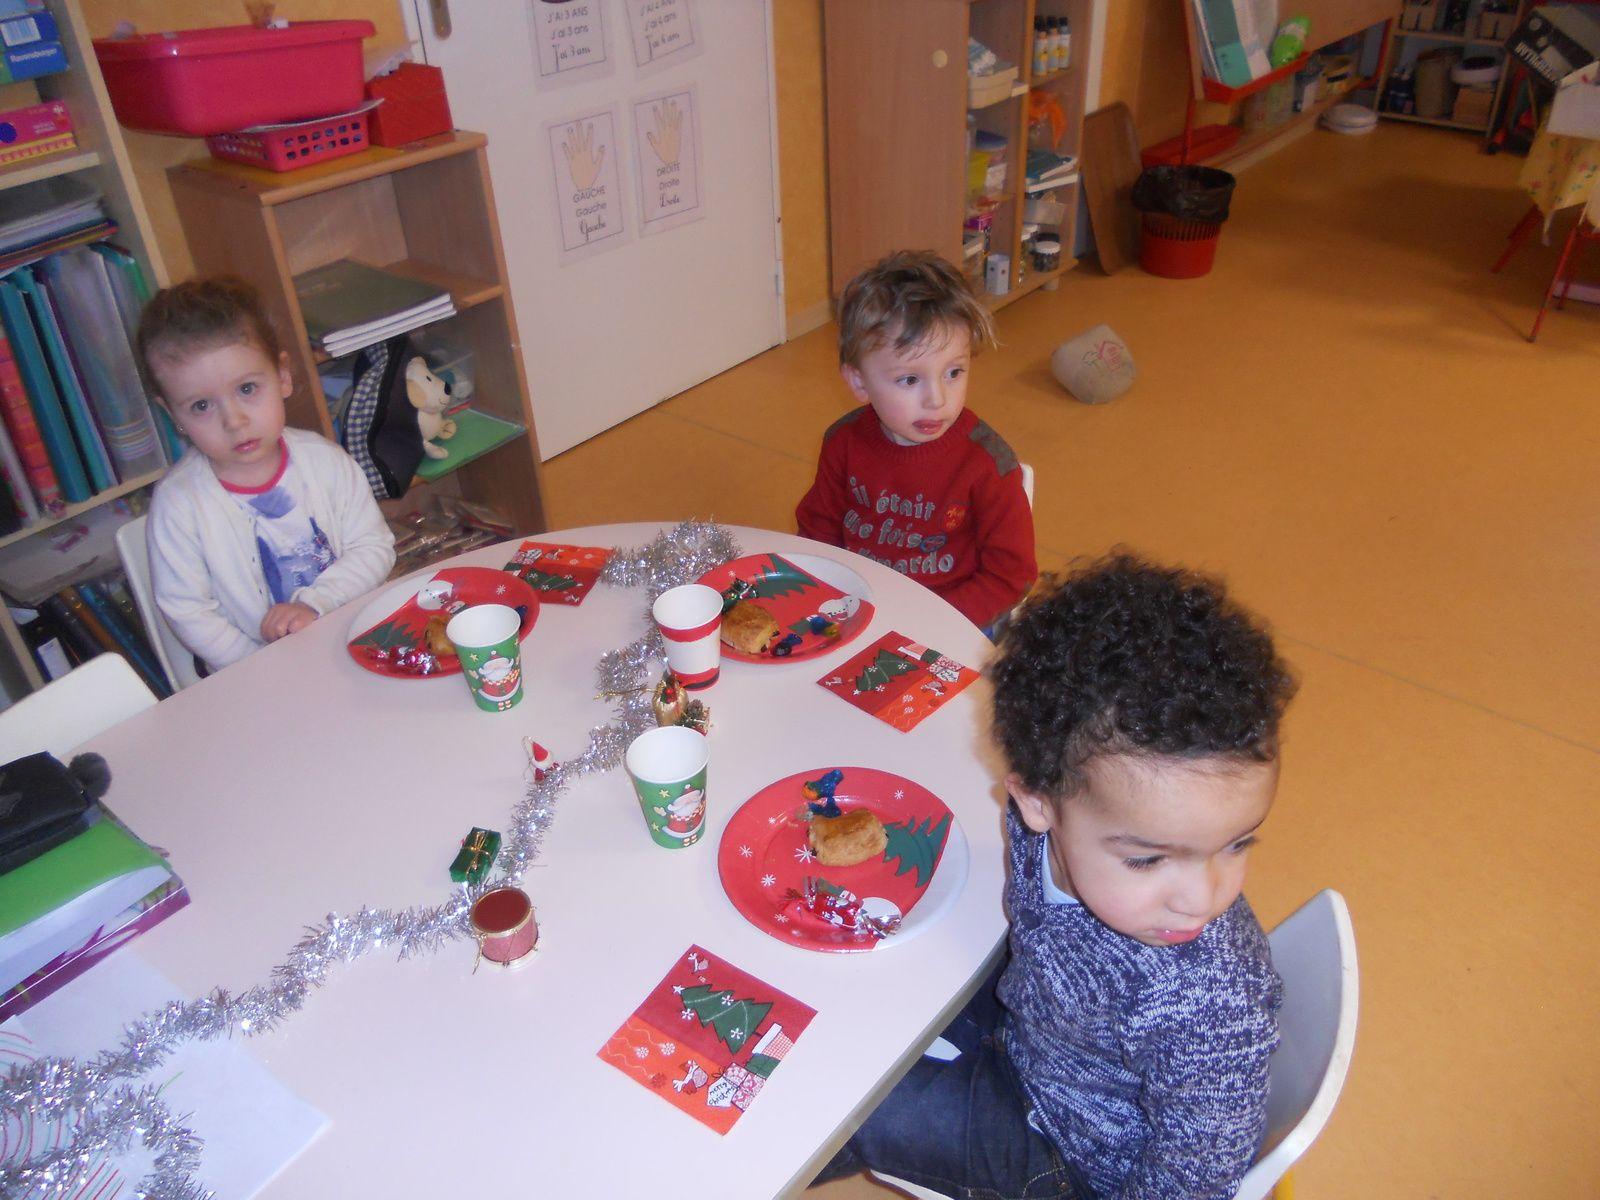 #986433 Le Goûter De Noël En TPS/PS/MS Ecole Maternelle Et  6075 décoration de noel tps/ps 1600x1200 px @ aertt.com